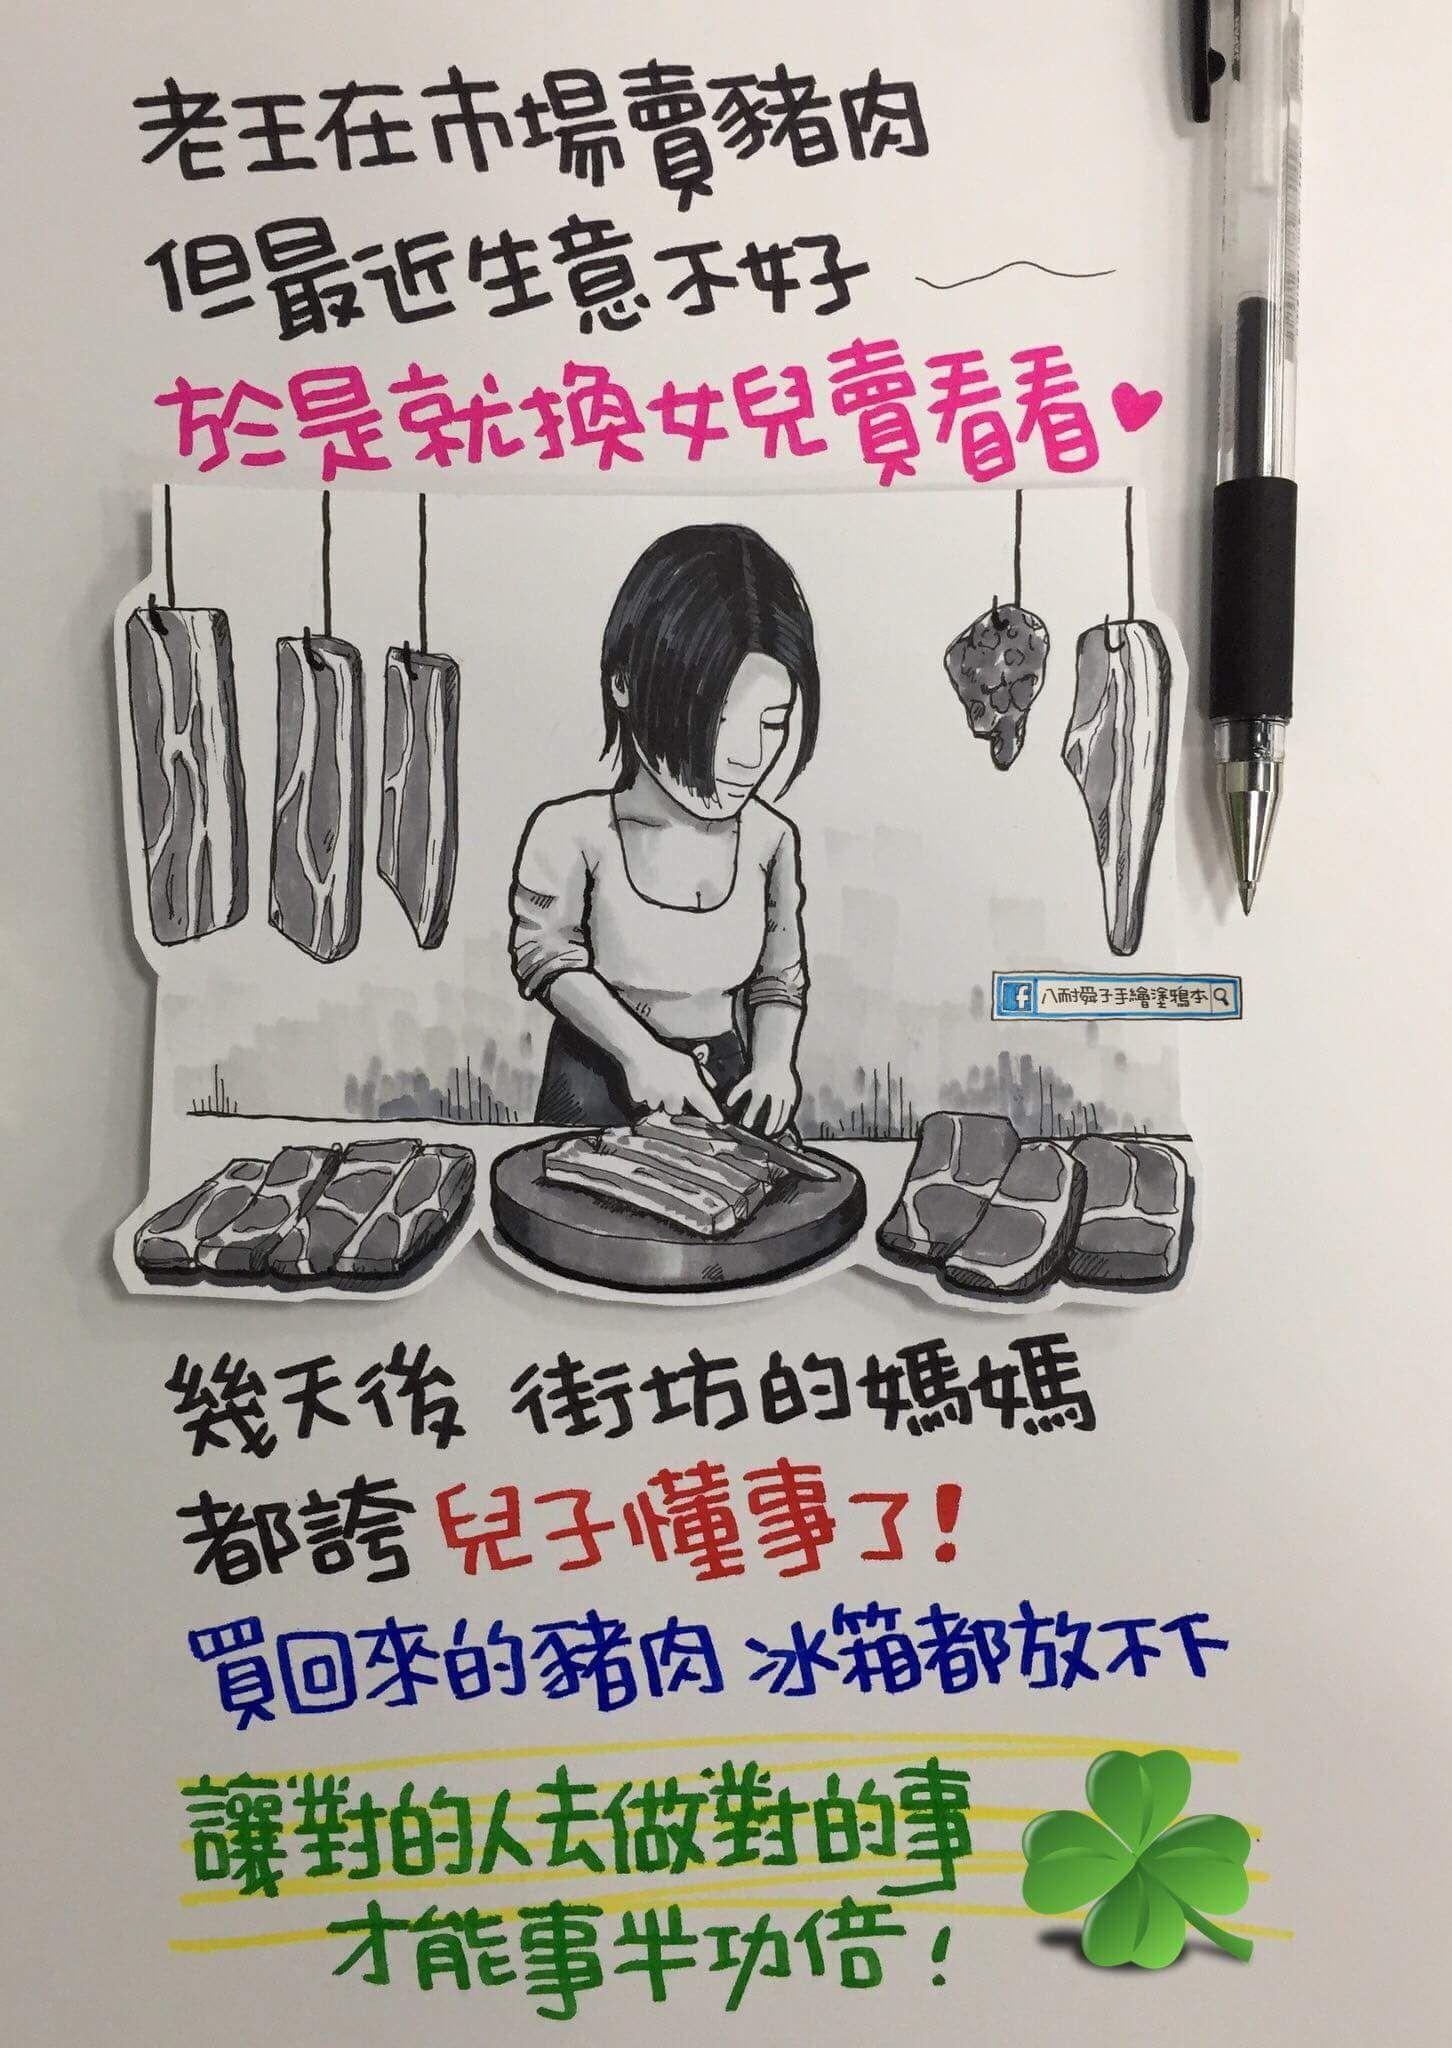 臺灣line社群瘋傳手繪網路笑話 幕後的作者 居然是他!!